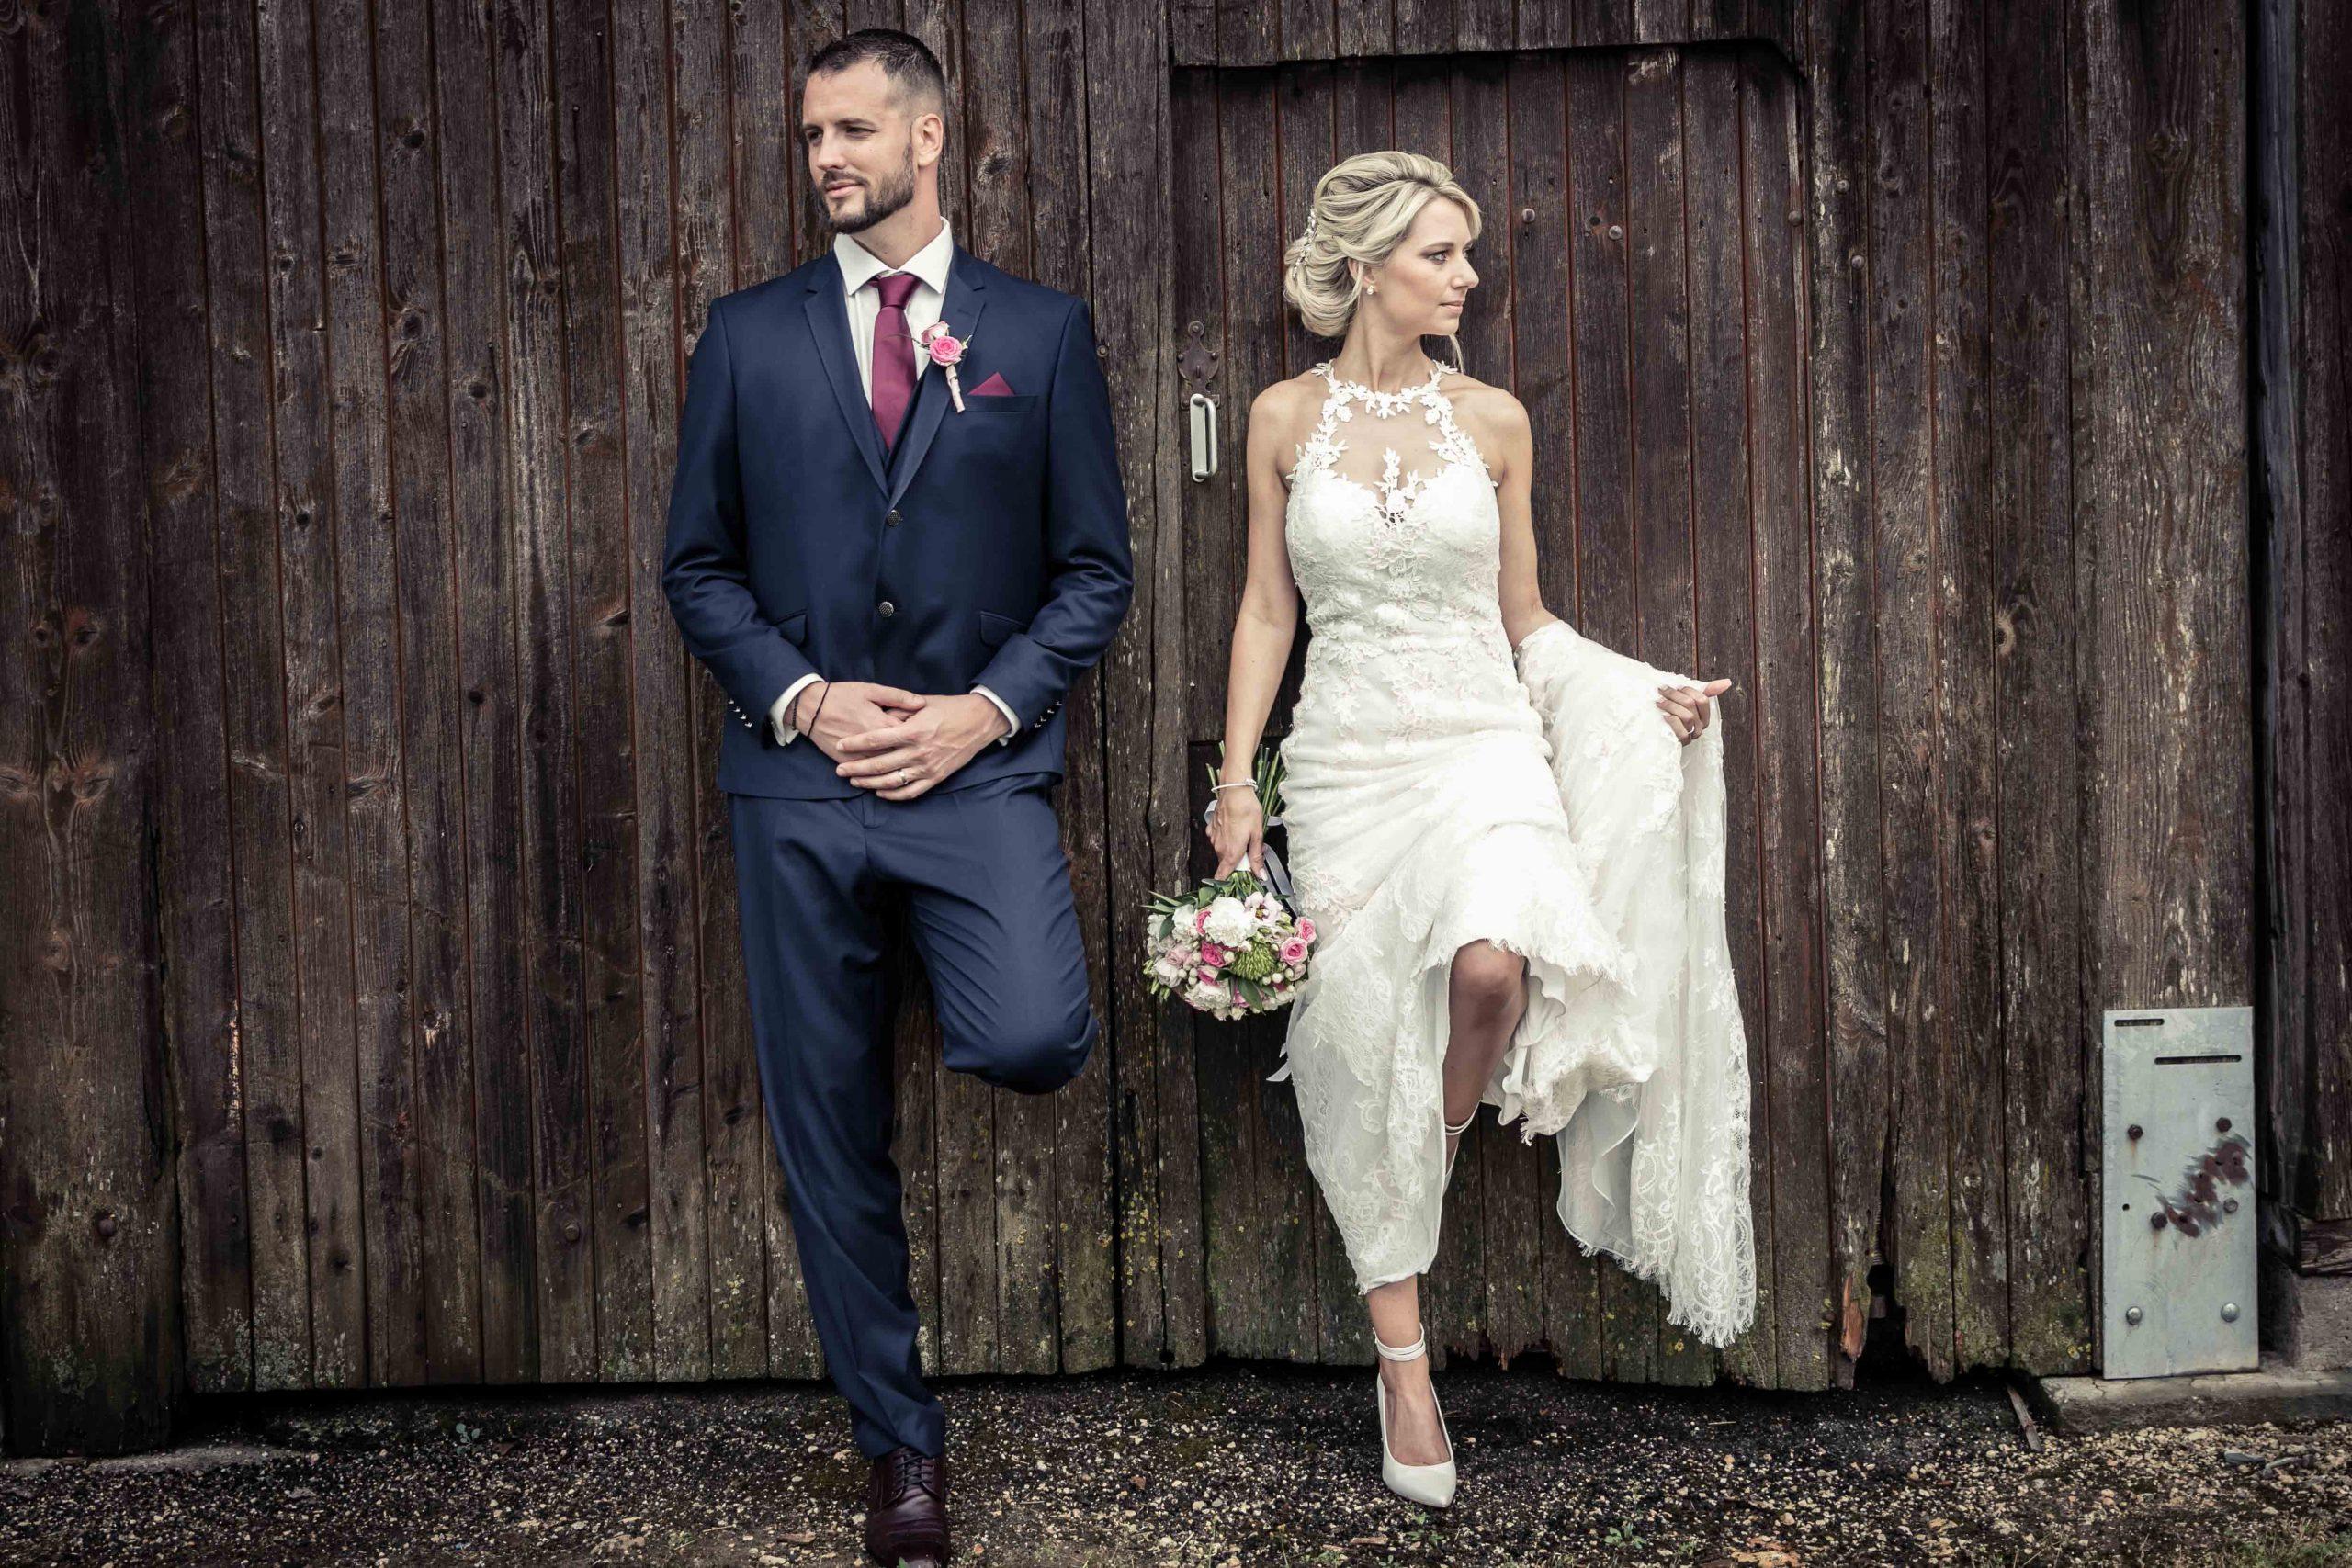 séance photo des mariés lors d'un mariage à Winckel, mariage champètre